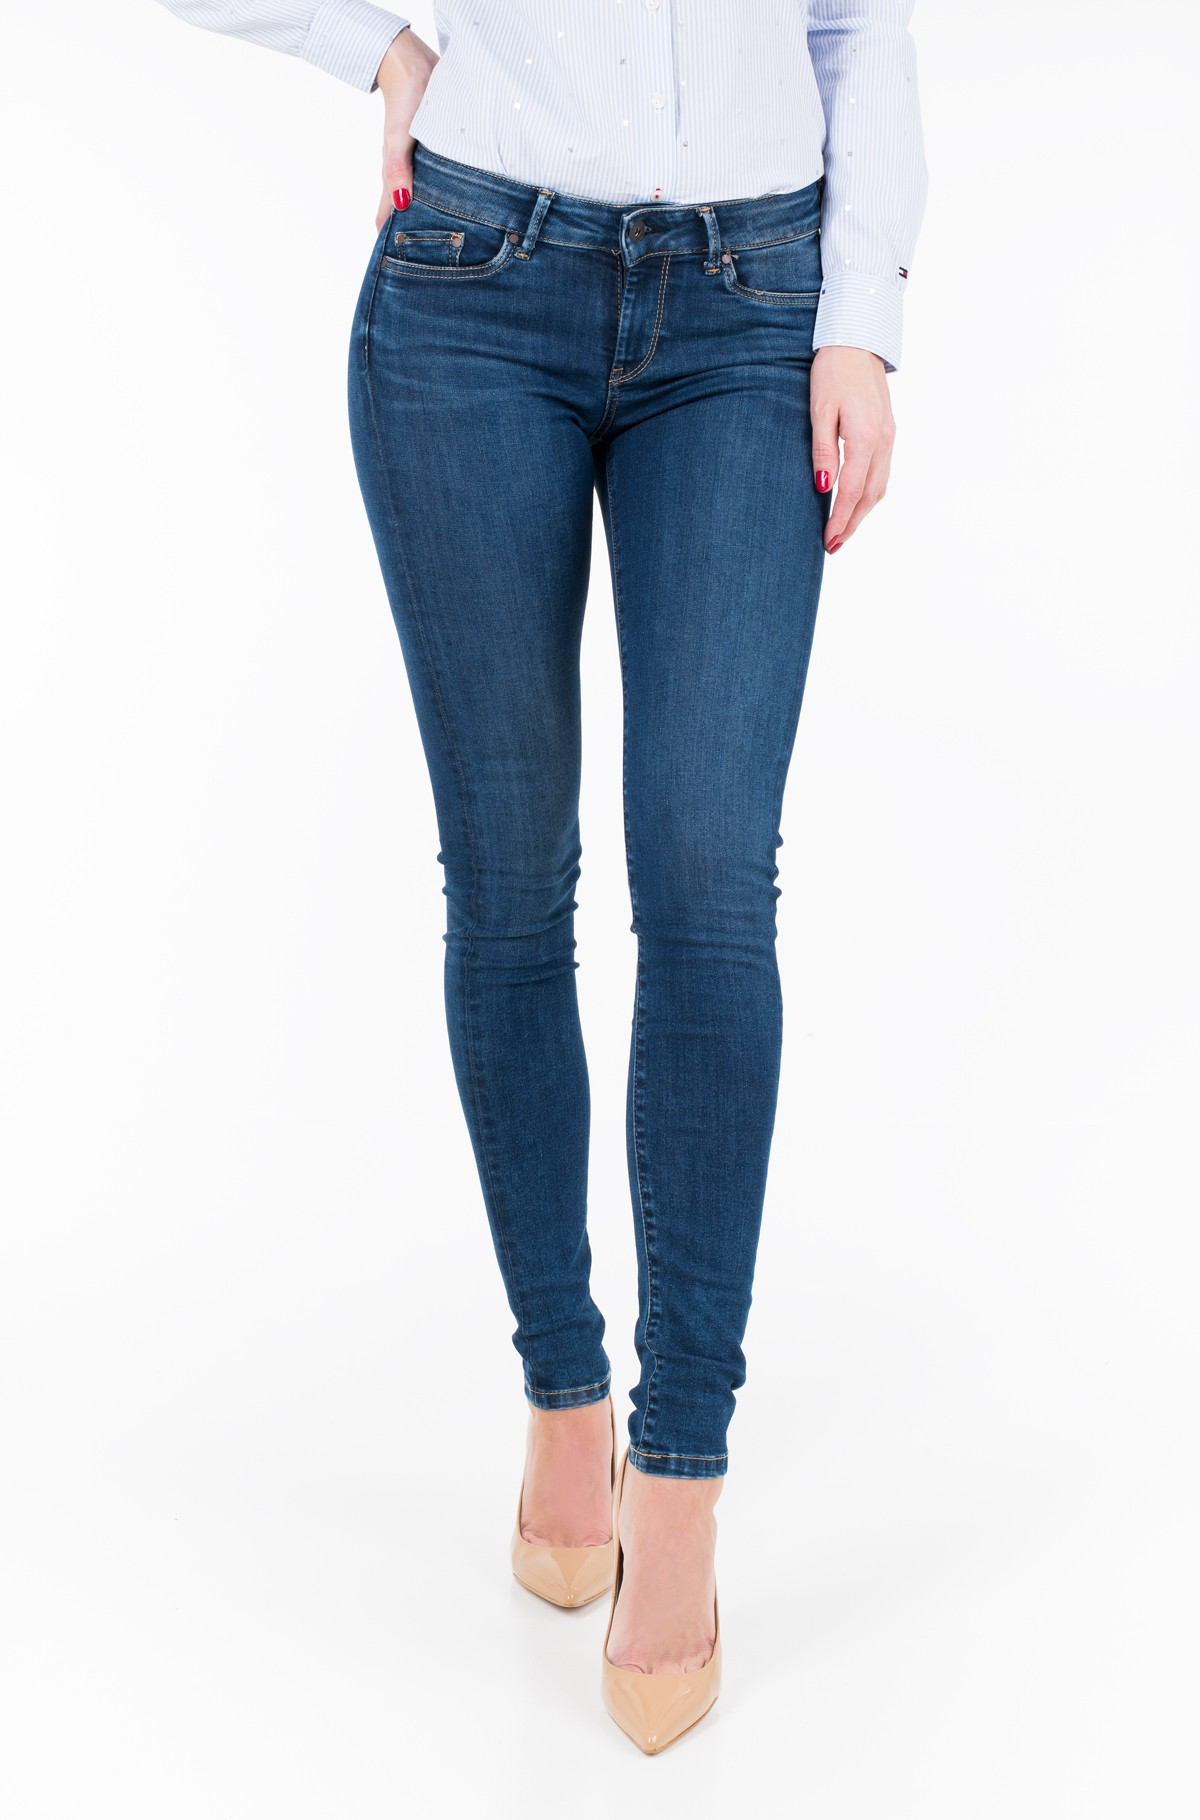 Jeans PIXIE/PL200025CN6-full-1